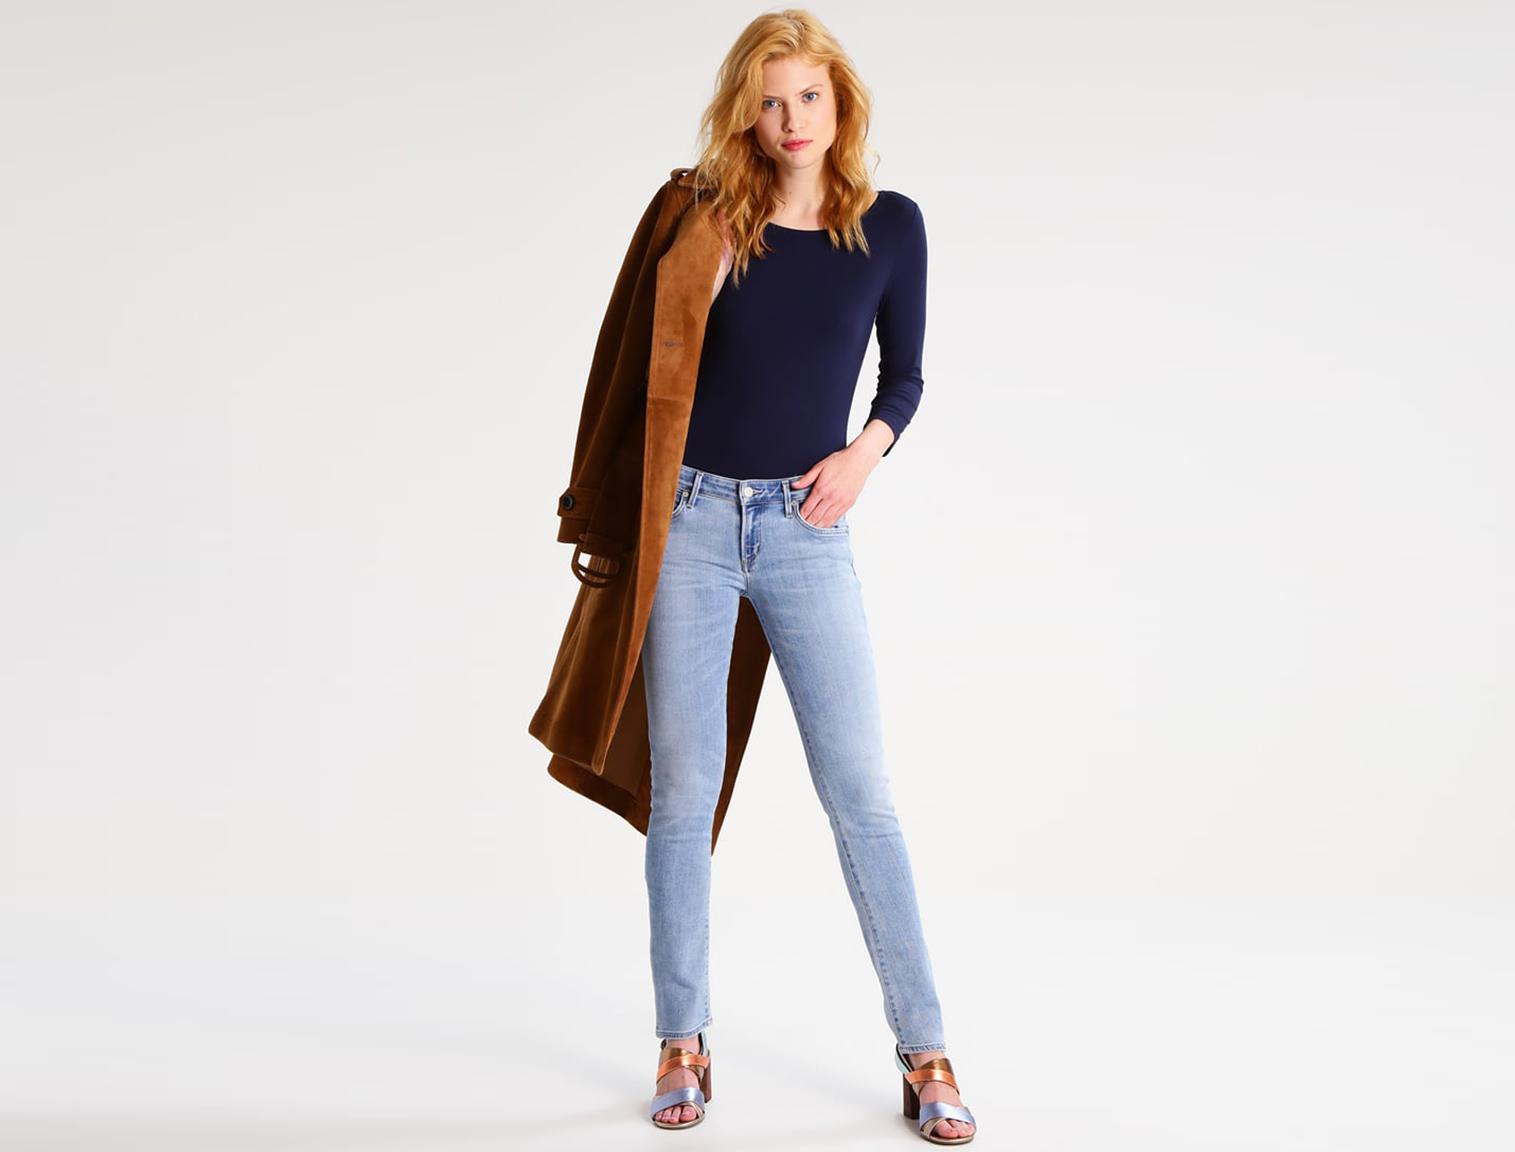 Mujer joven con pantalones vaqueros de pitillo